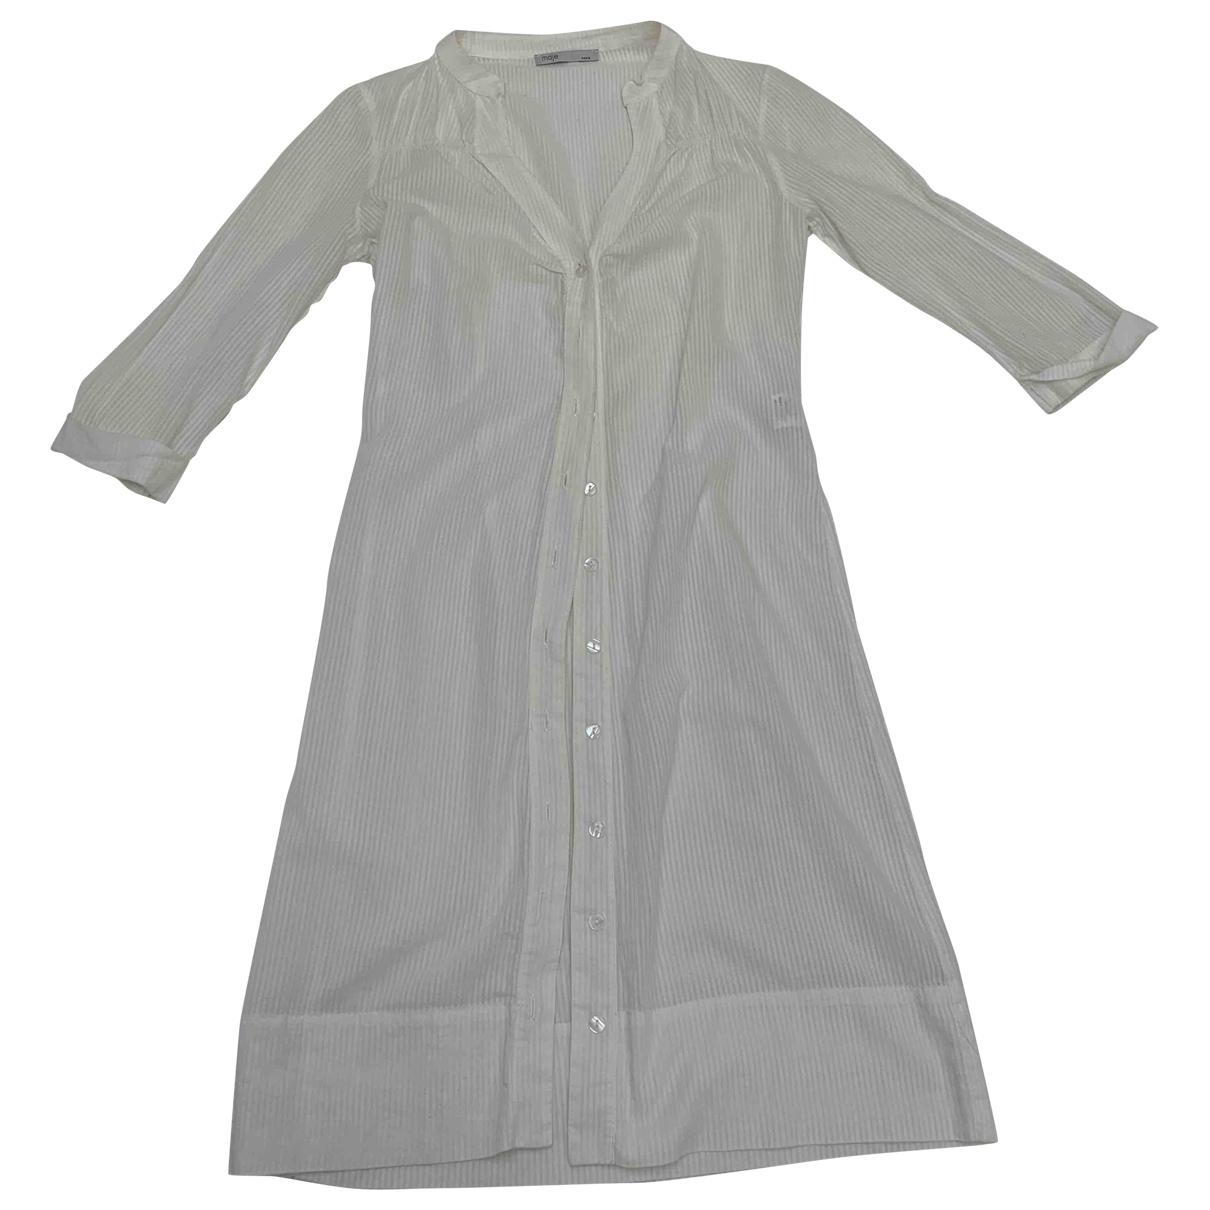 Maje \N Beige Cotton dress for Women 36 FR